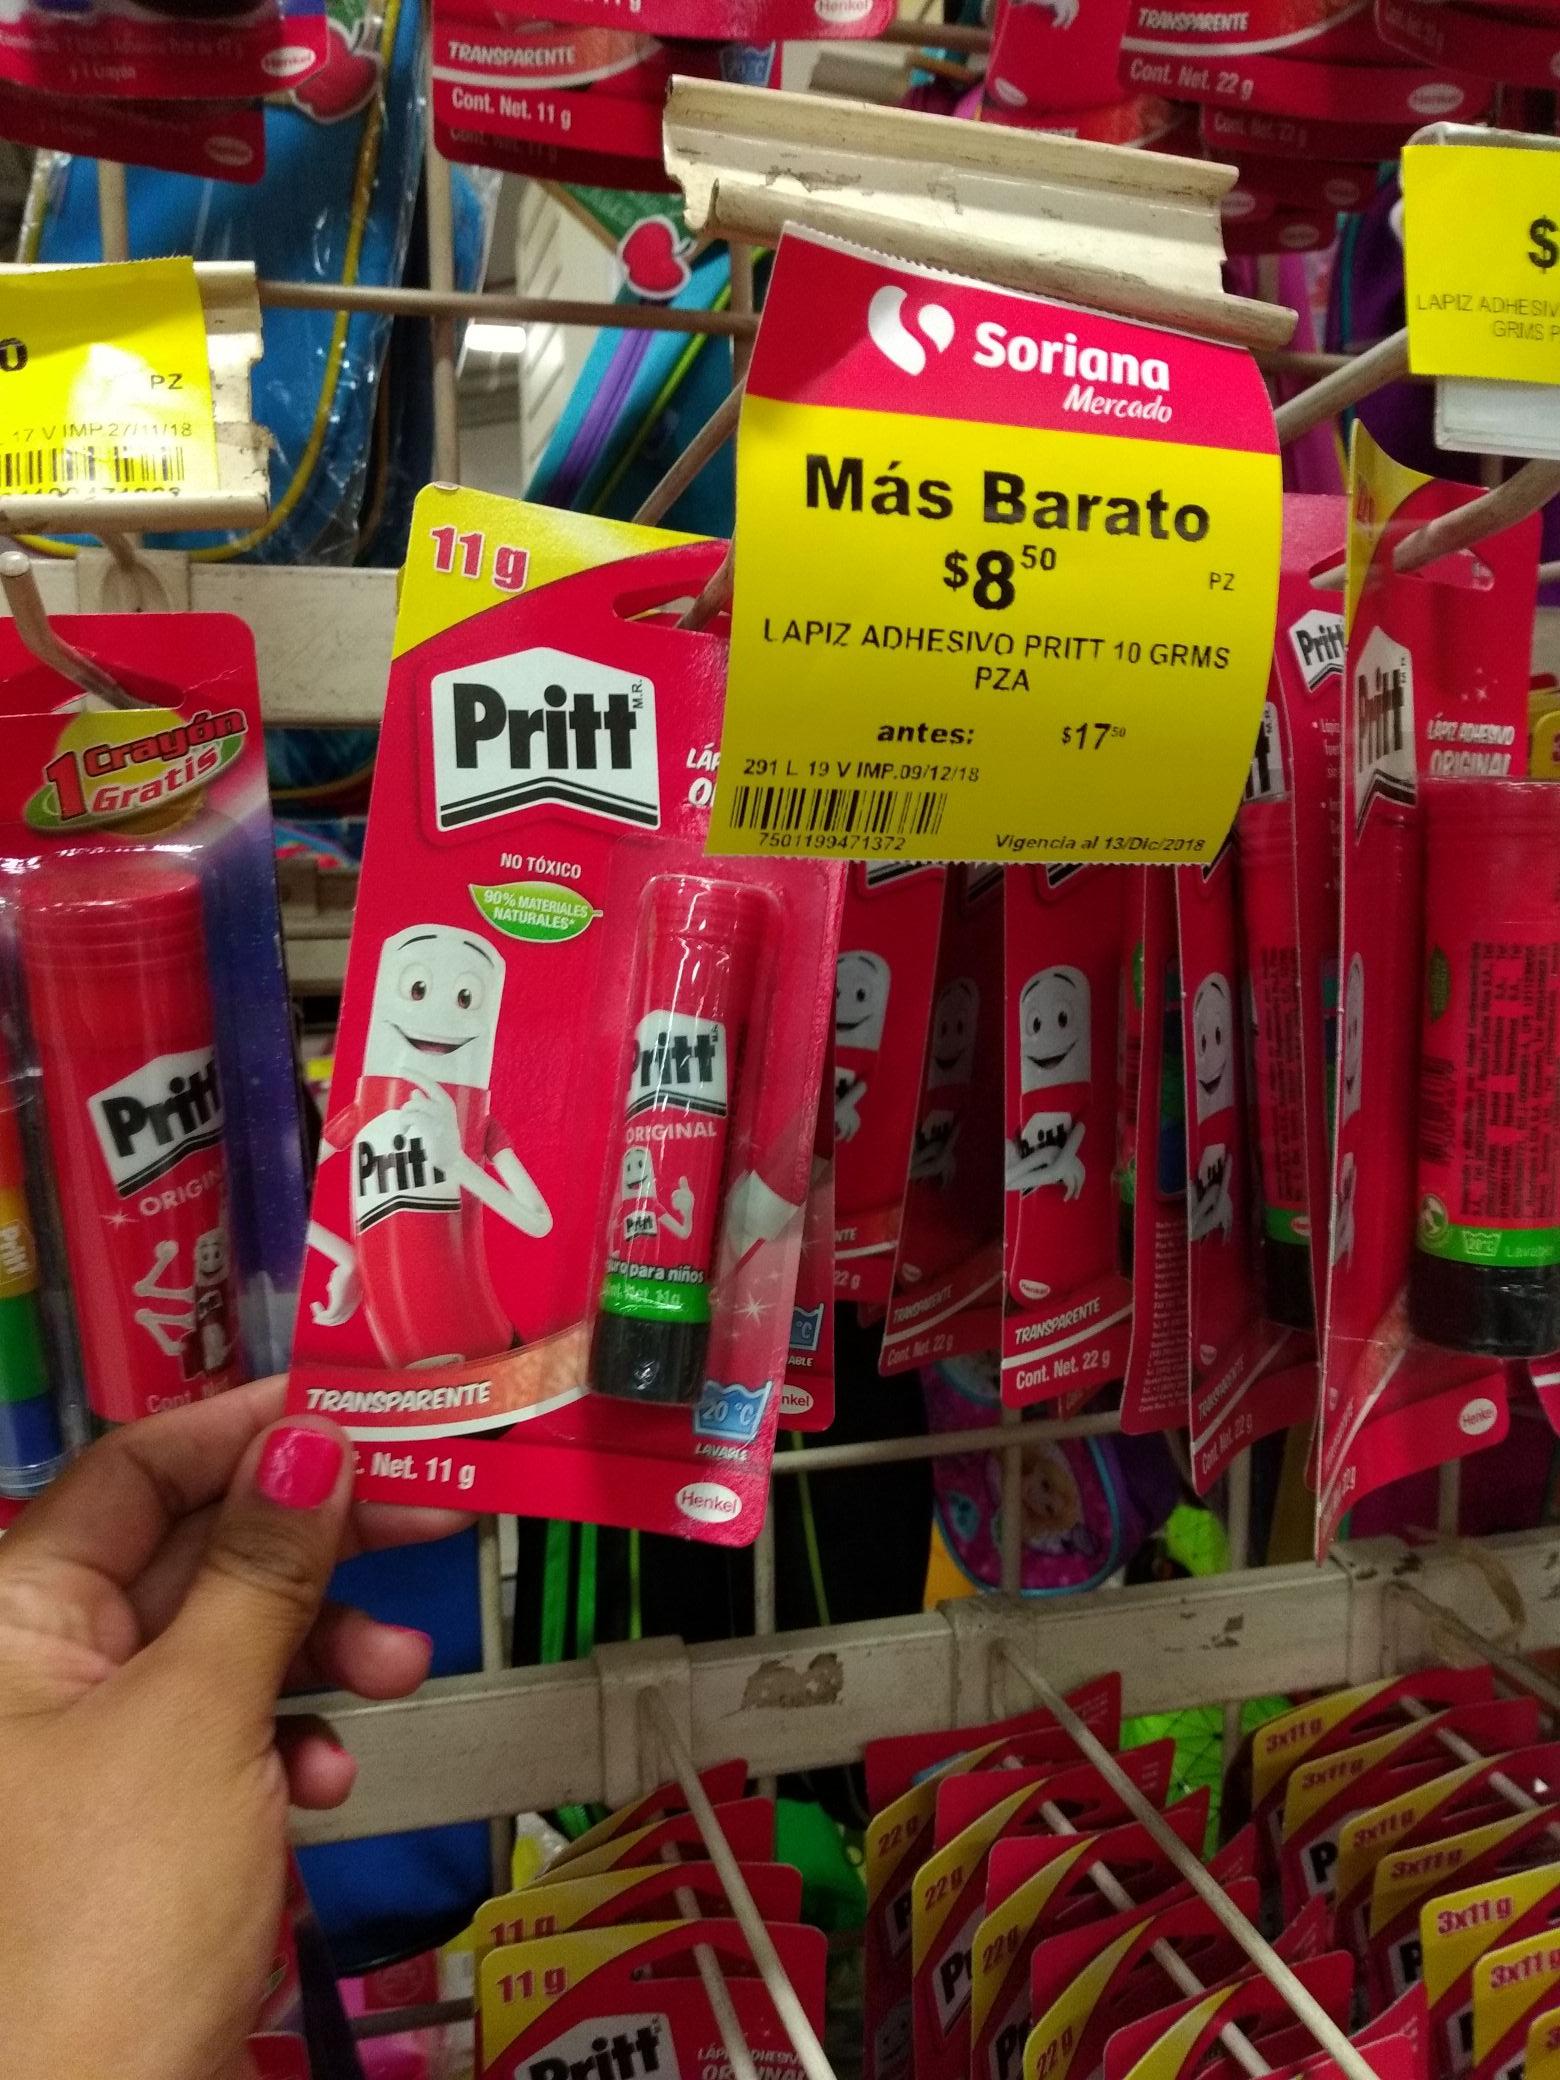 Soriana Mercado: Pritt 10 grs $8.5